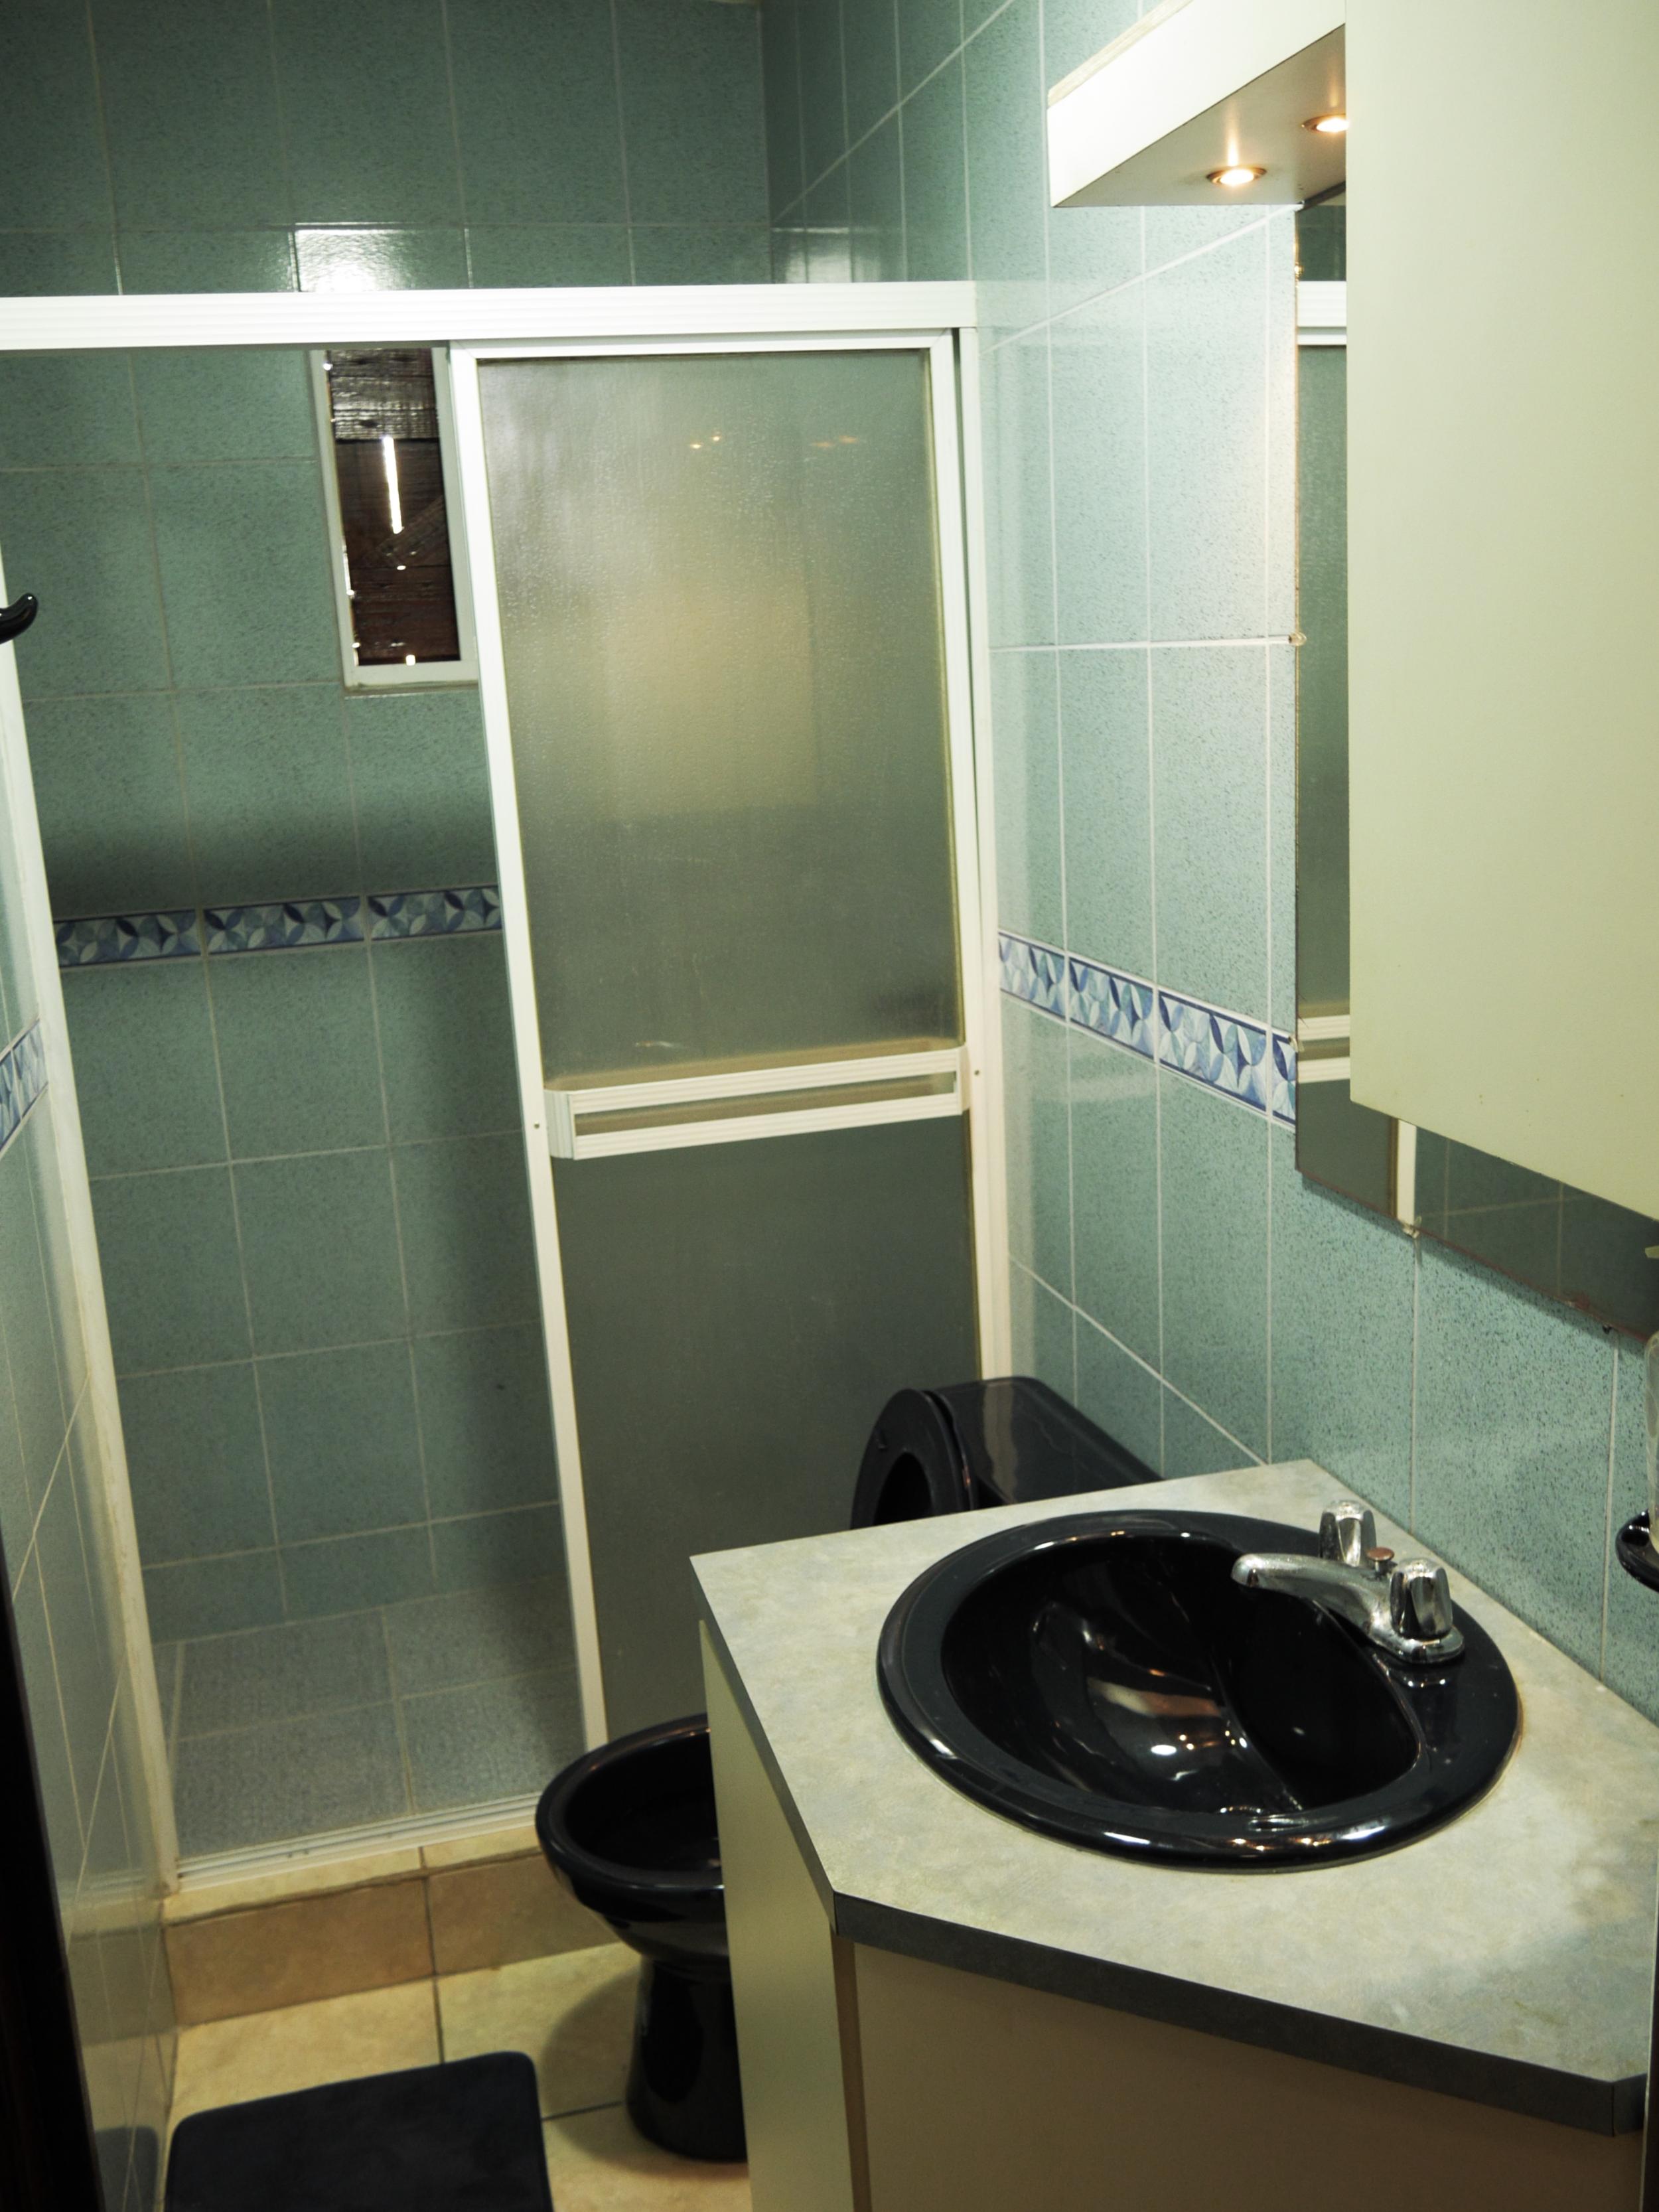 The spacious bathroom tiled in a caribbean fashion.